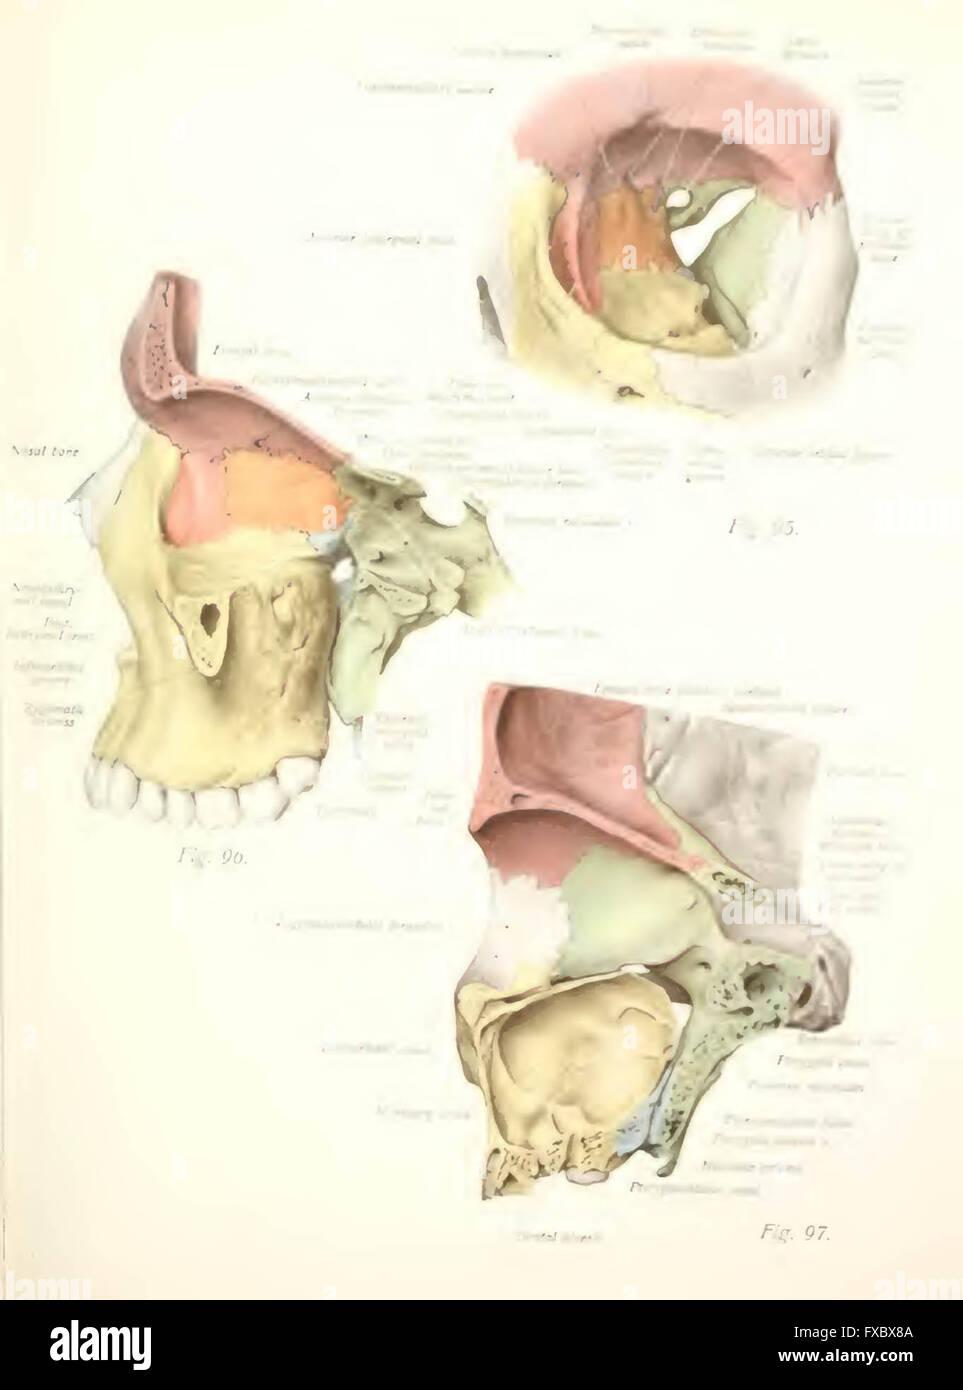 Großartig Menschliche Anatomie Lehrbücher Fotos - Anatomie Ideen ...